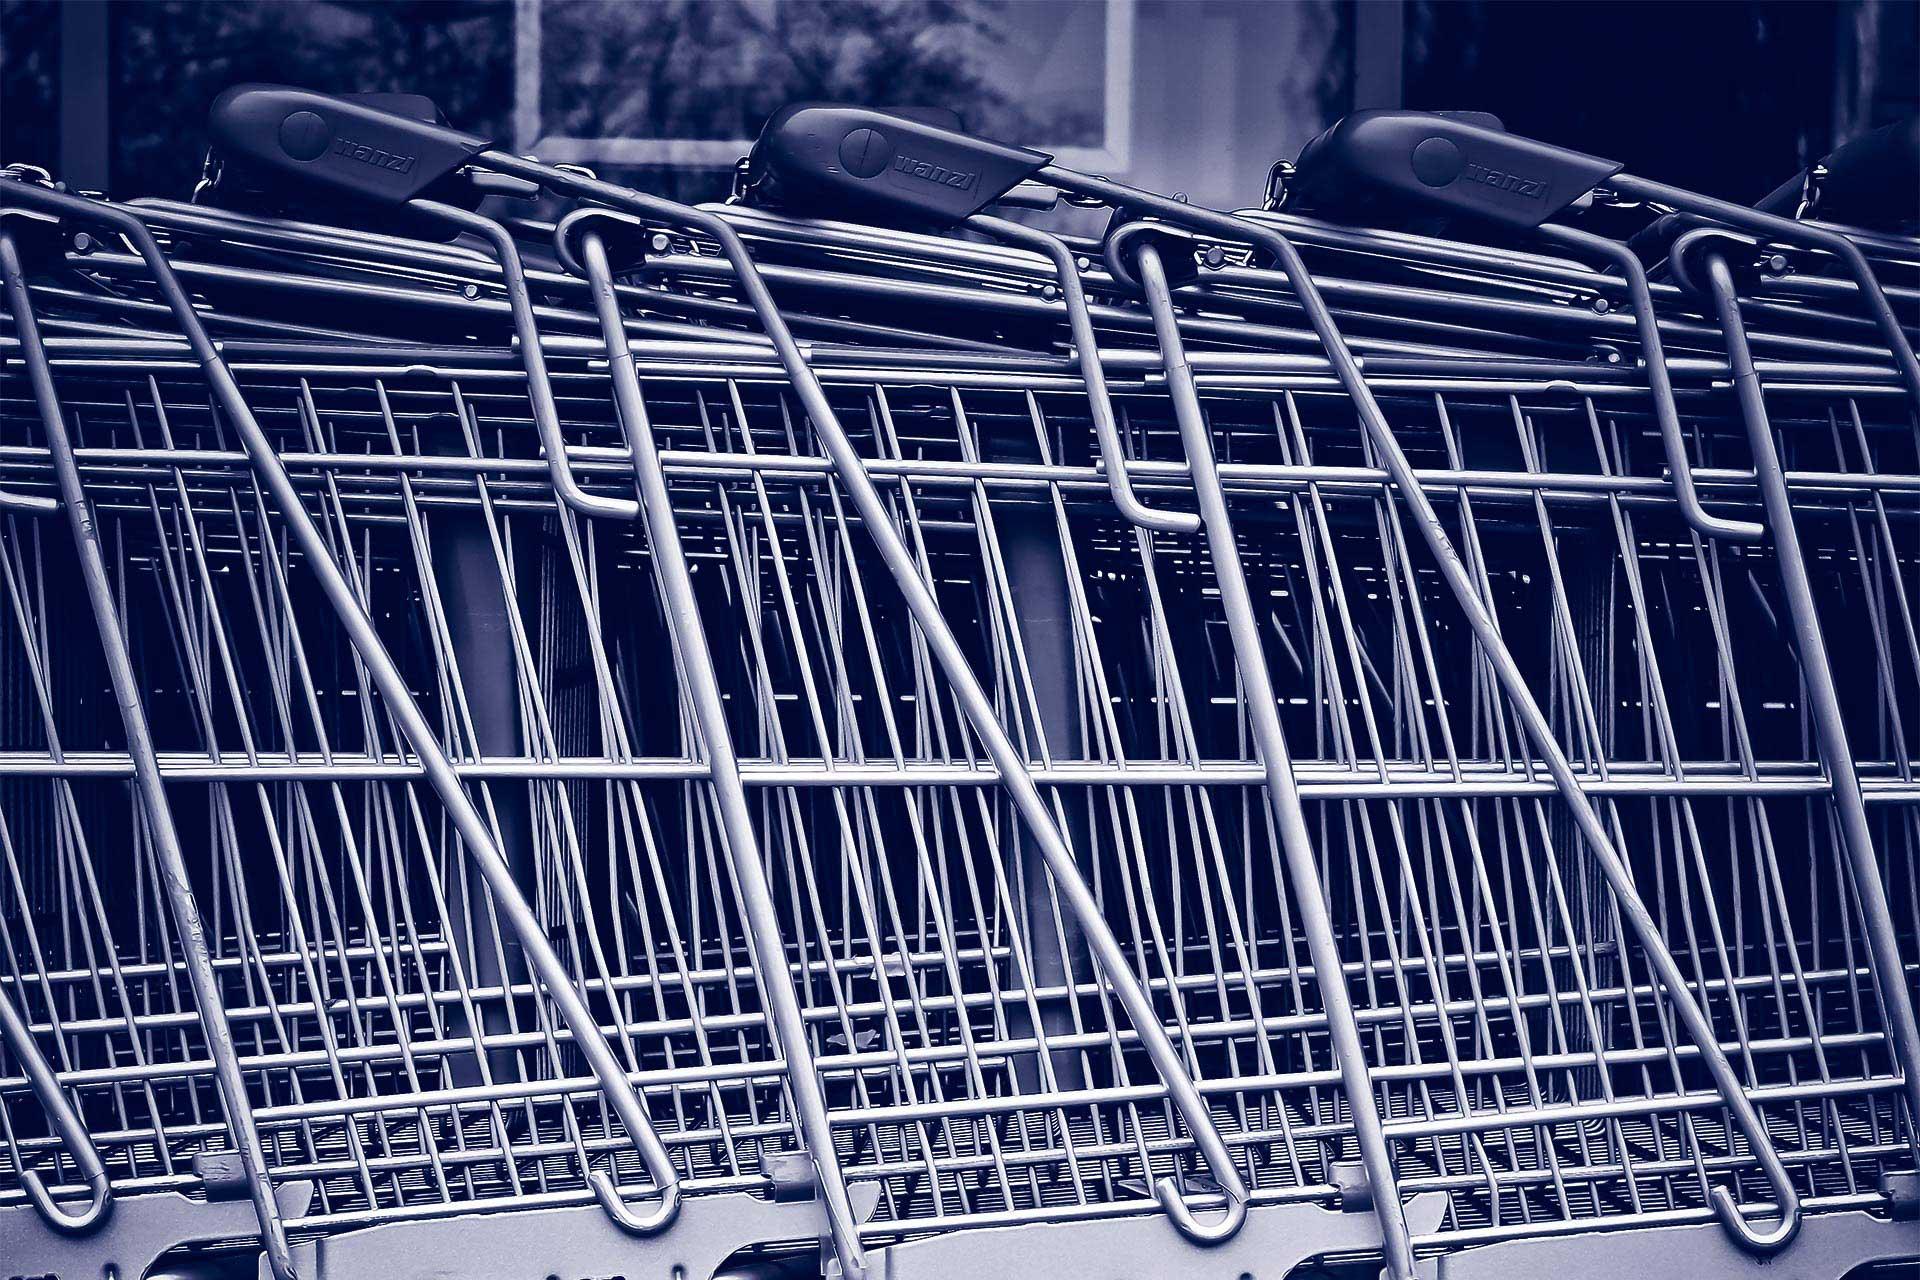 Onverkoopbare producten meenemen - reden voor ontslag?